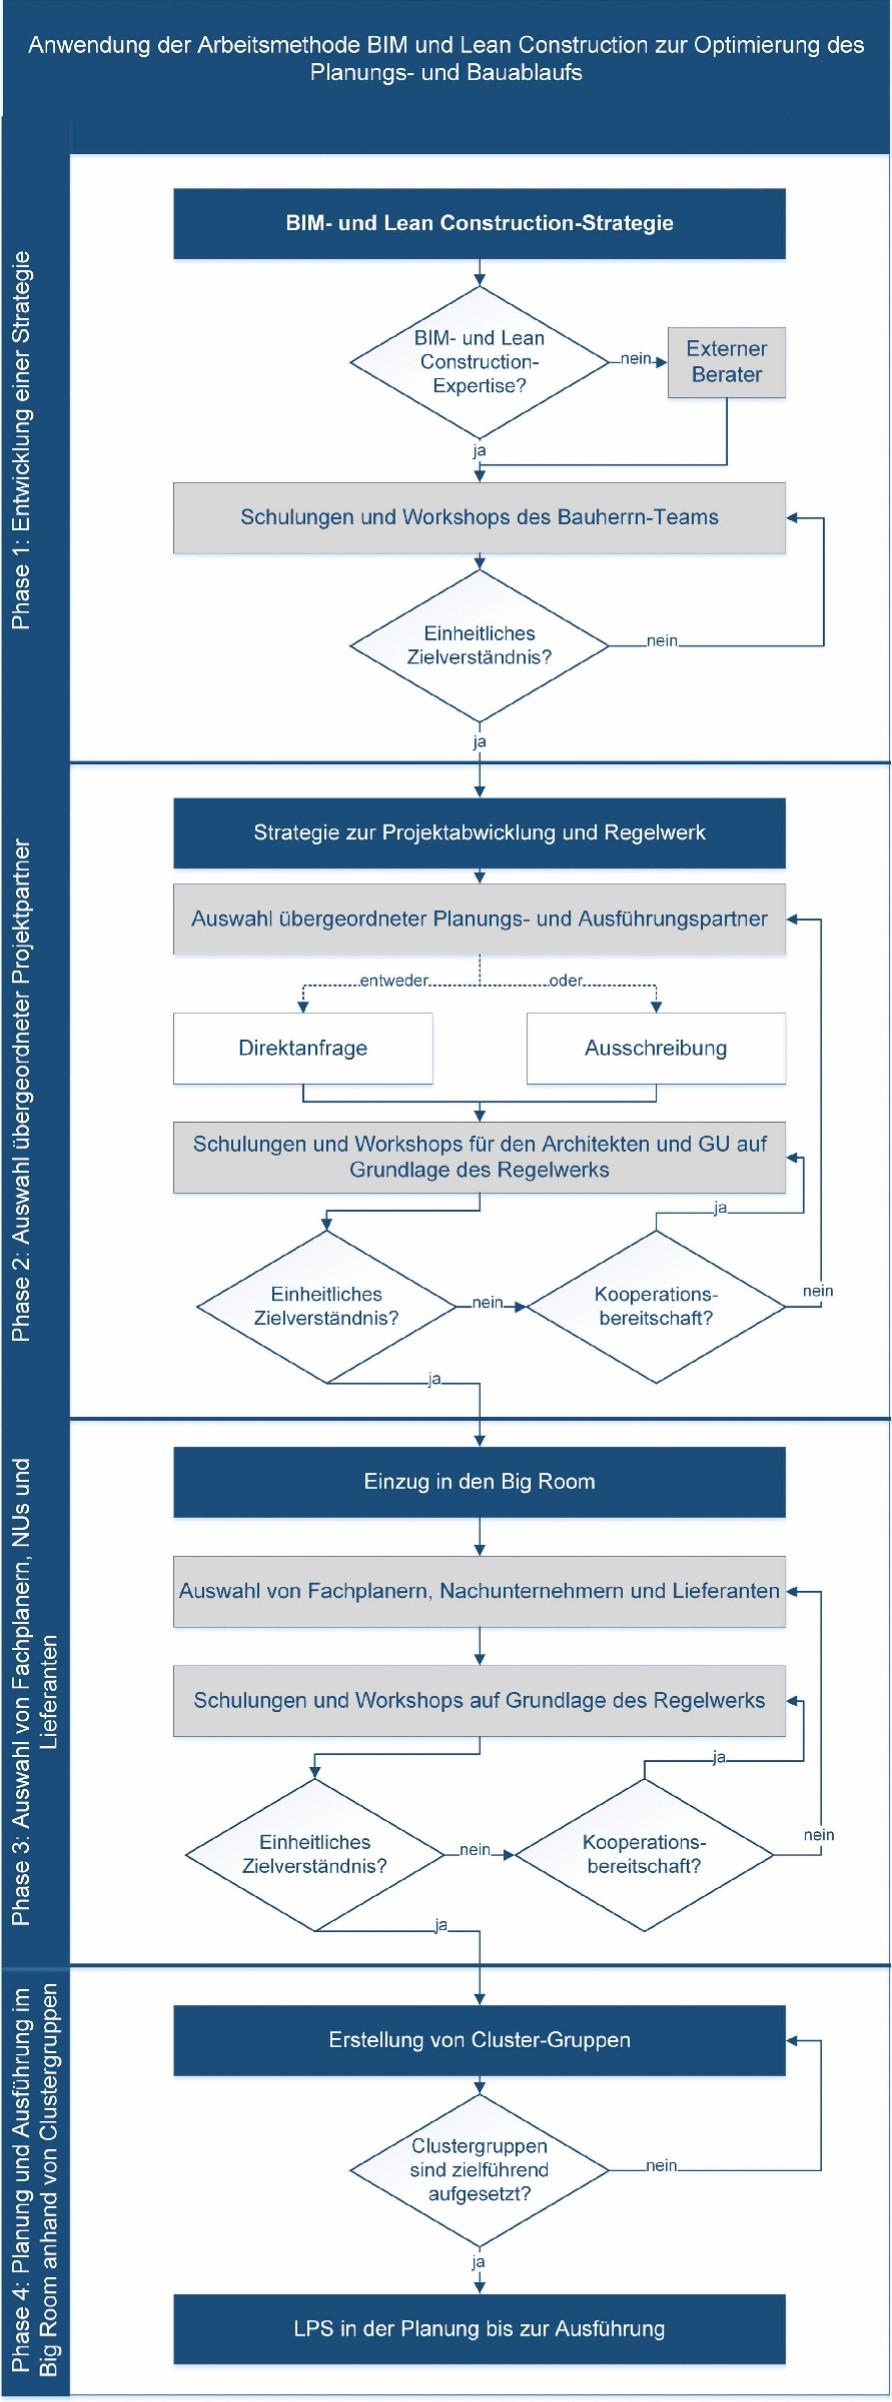 Bild 5. Phasenmodell zur Anwendung von BIM und Lean Construction in Bauprojekten Abb.: F. Berner et al.